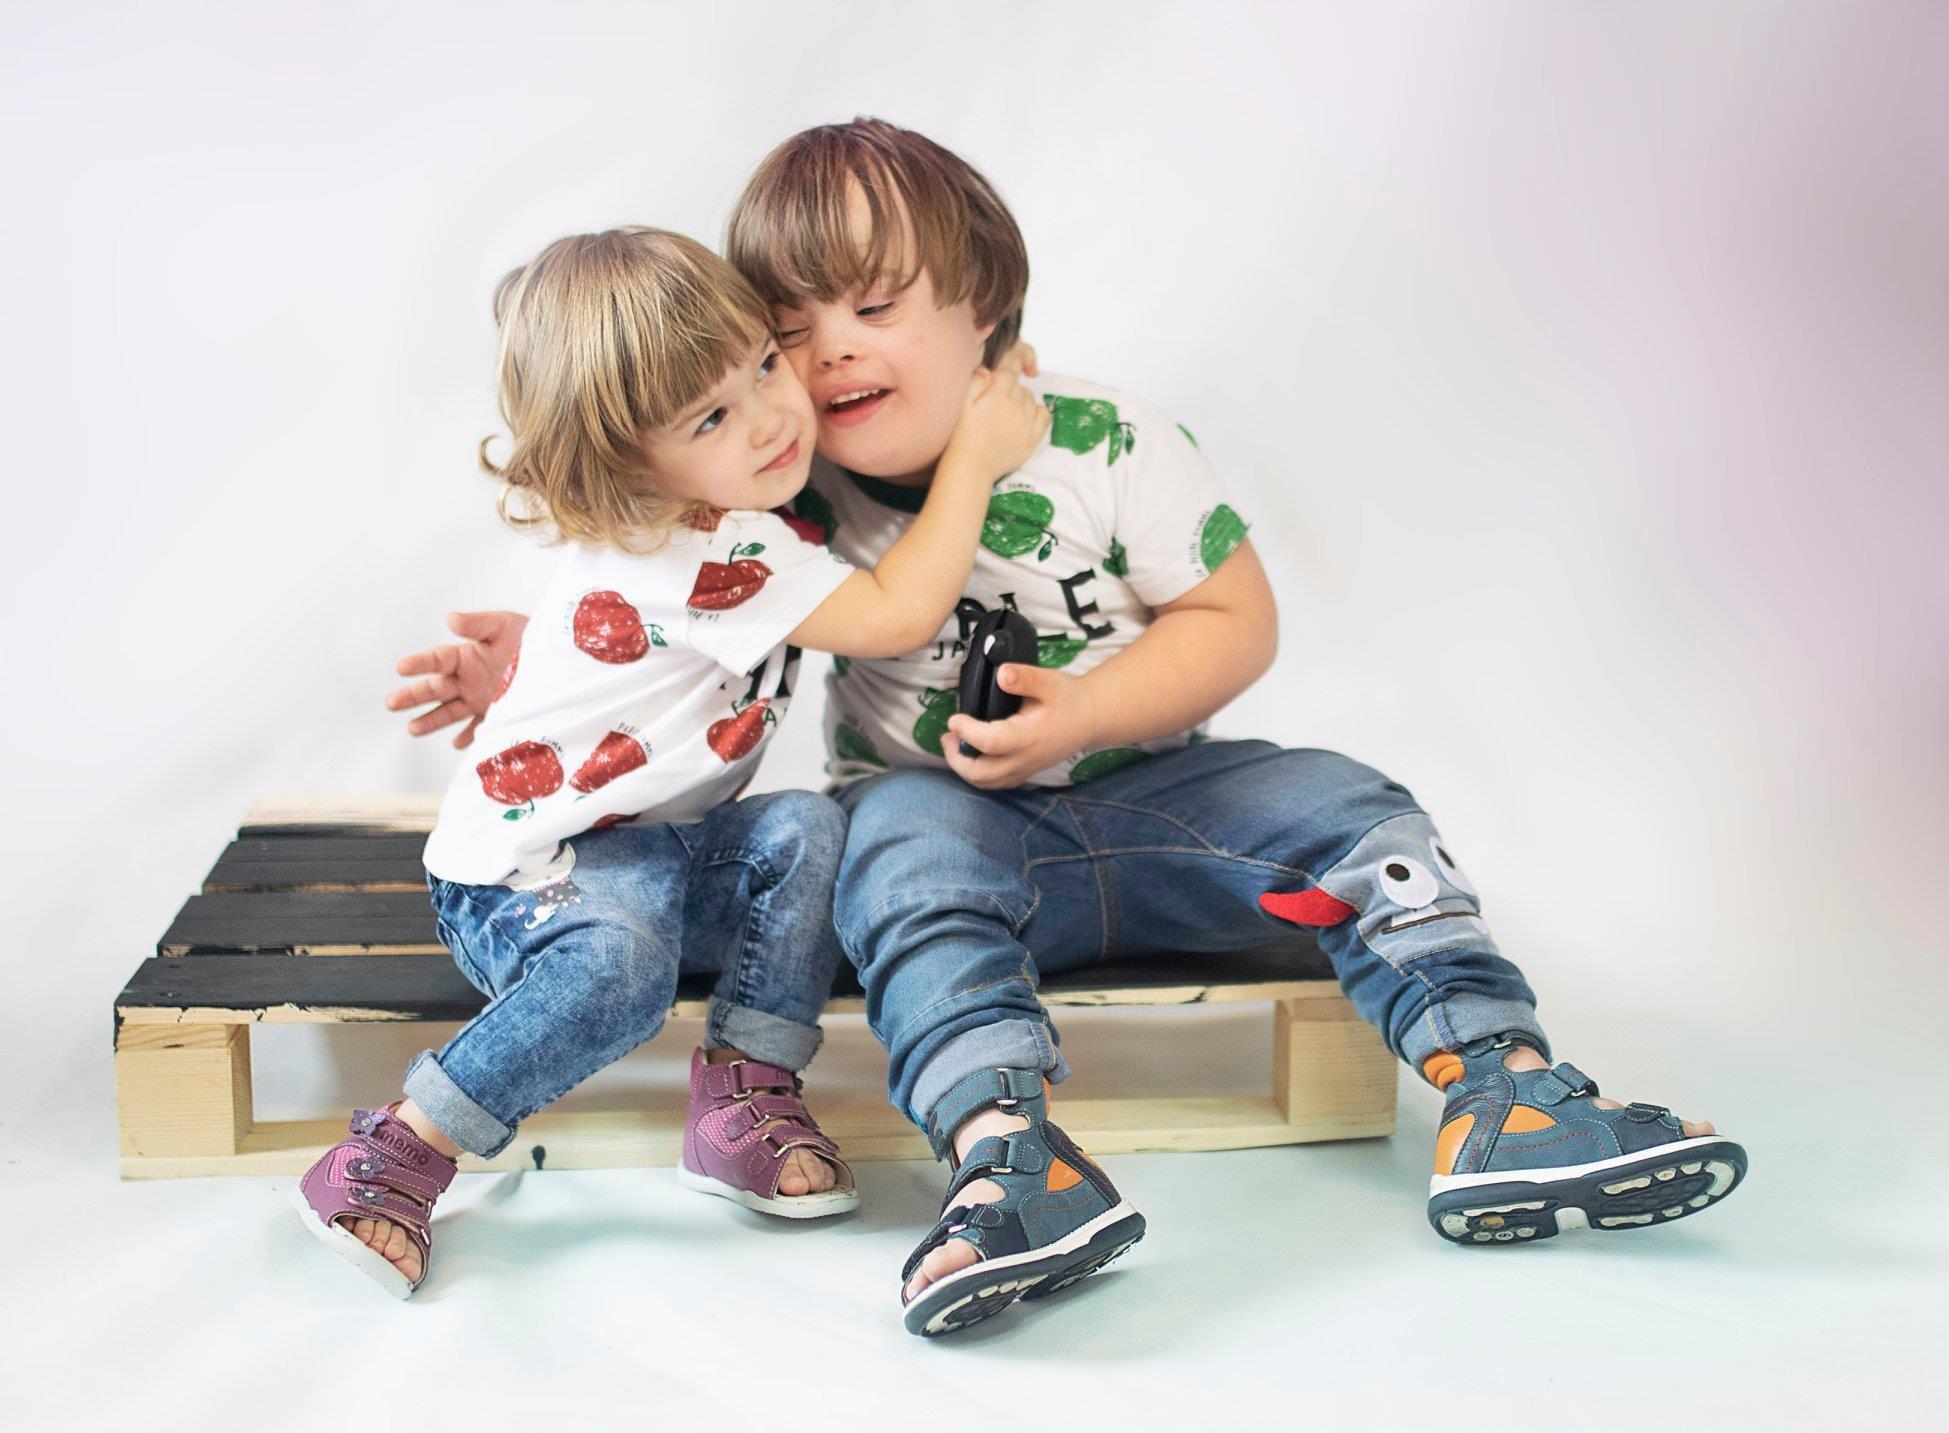 http://ortho-medical.fr/17-chaussures-orthopediques-enfants